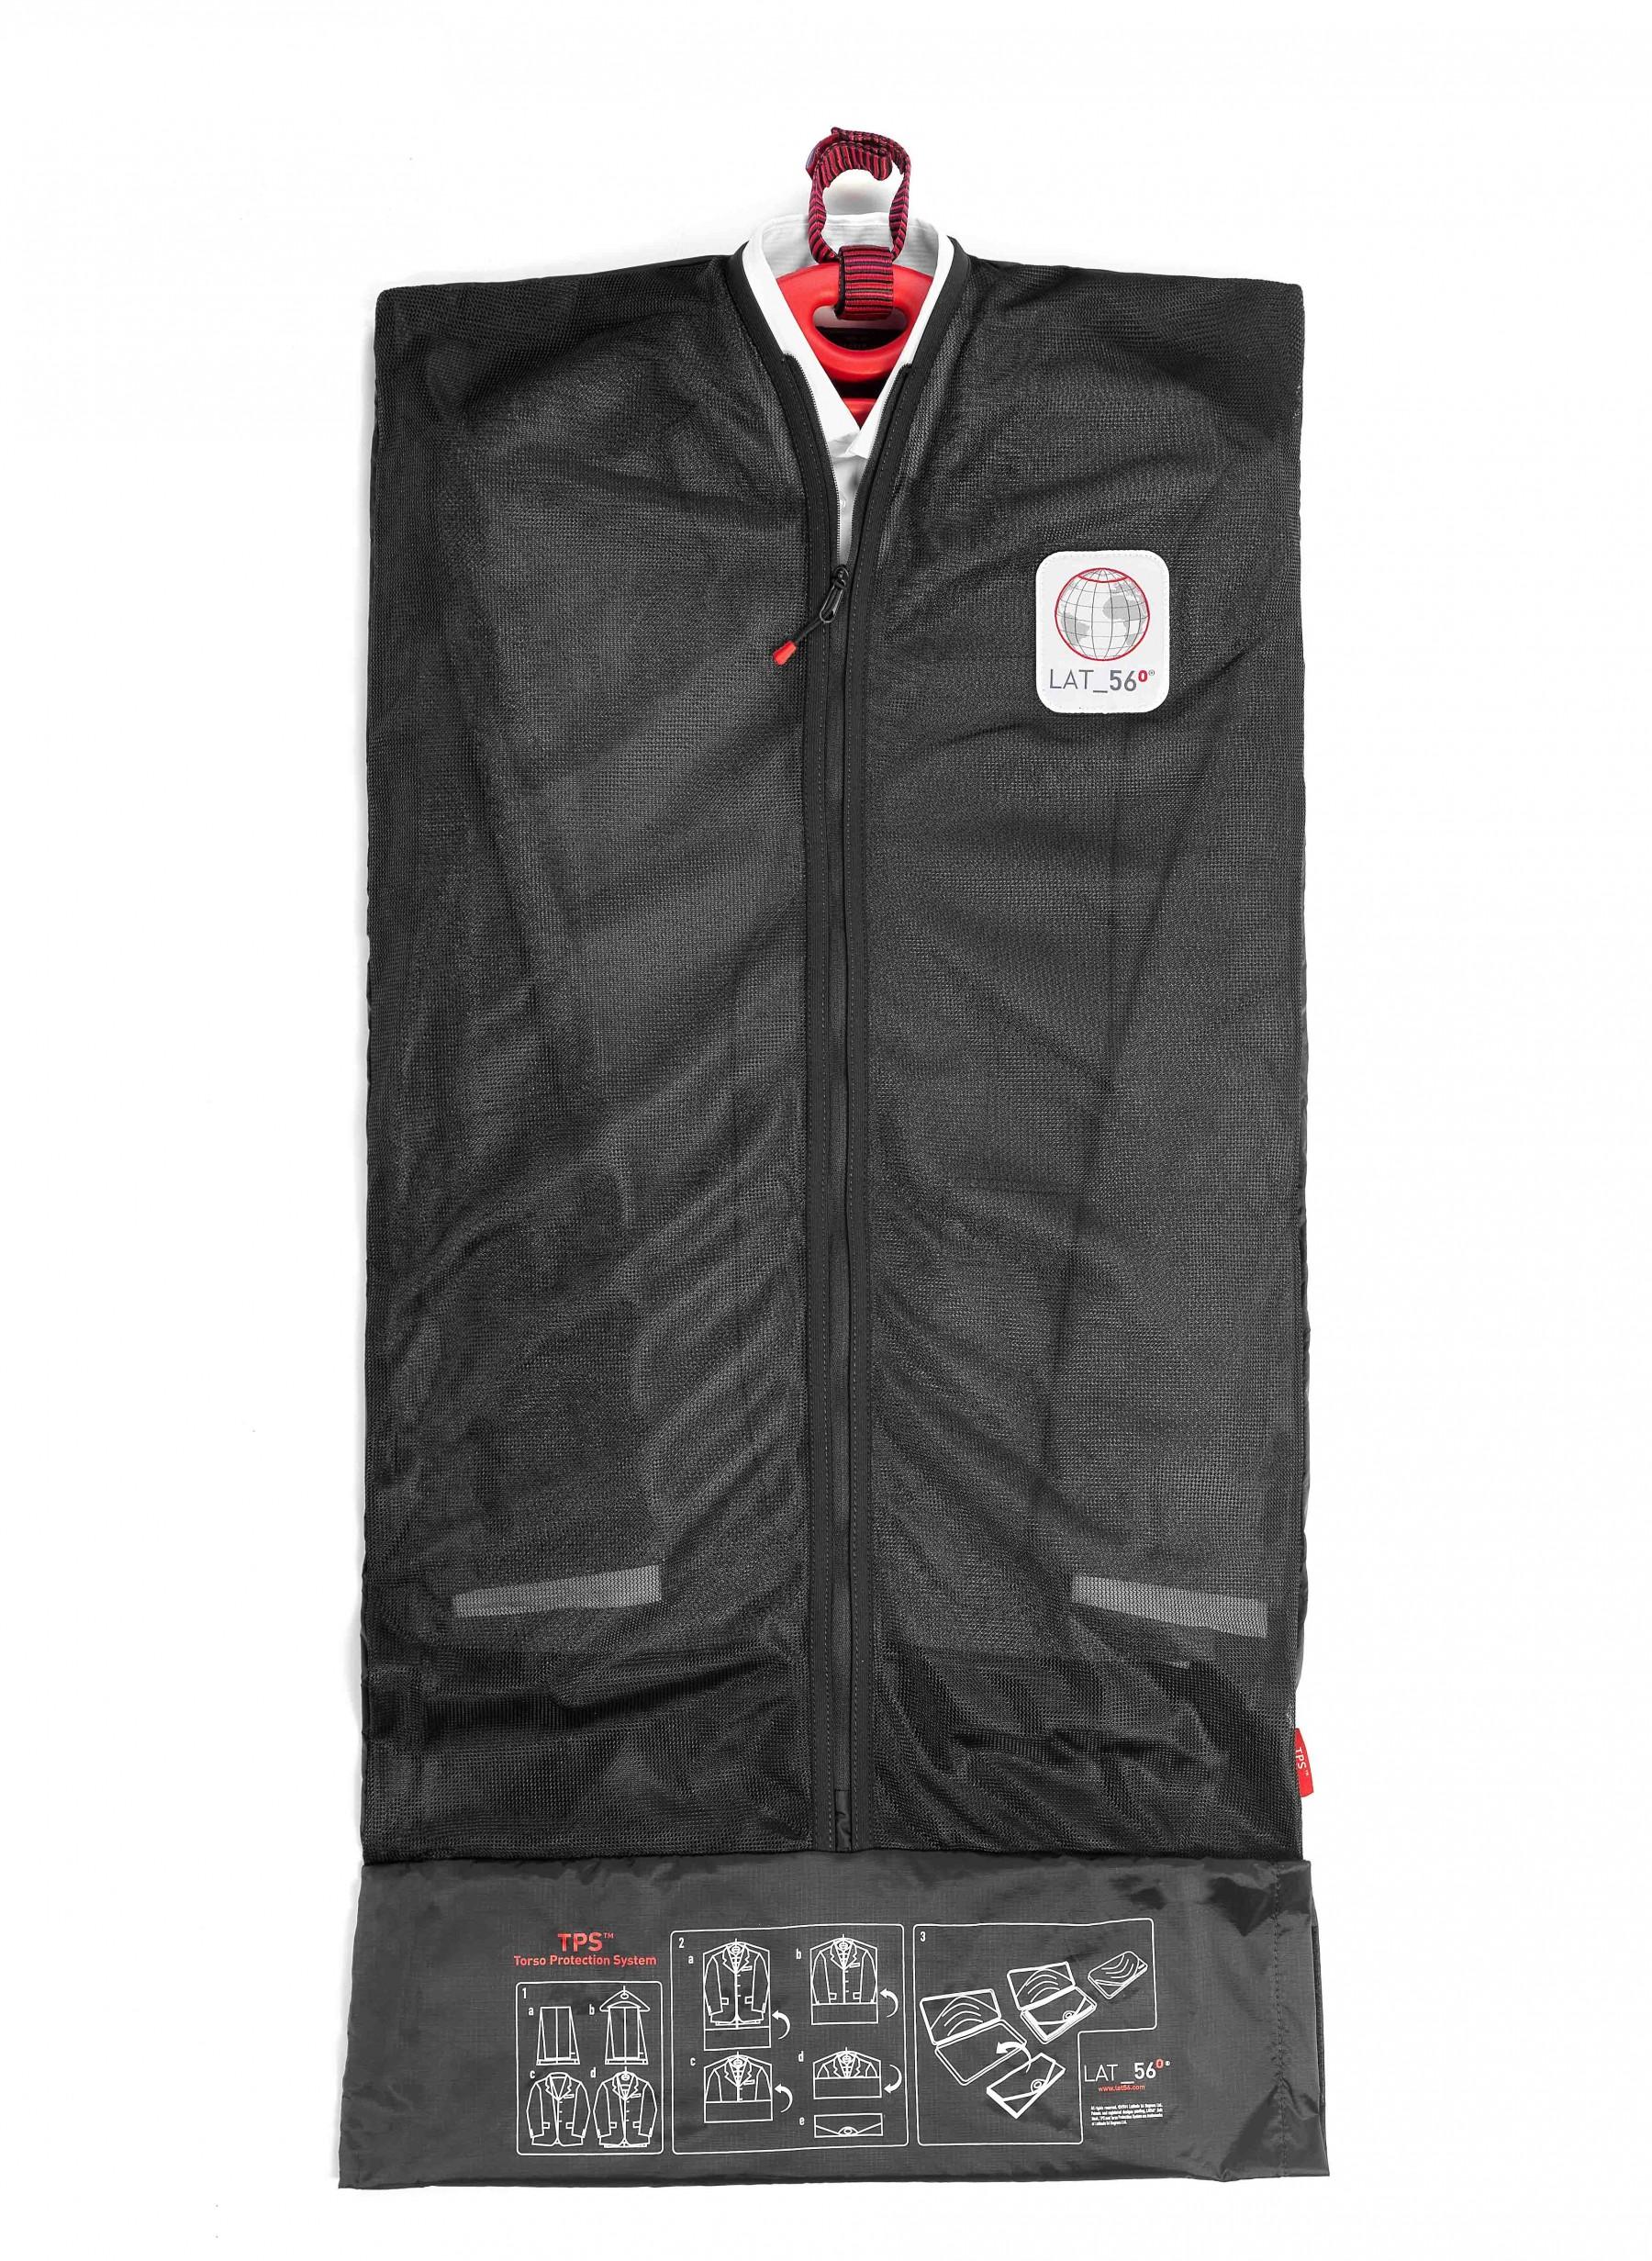 re012 redeye carryon garment bag